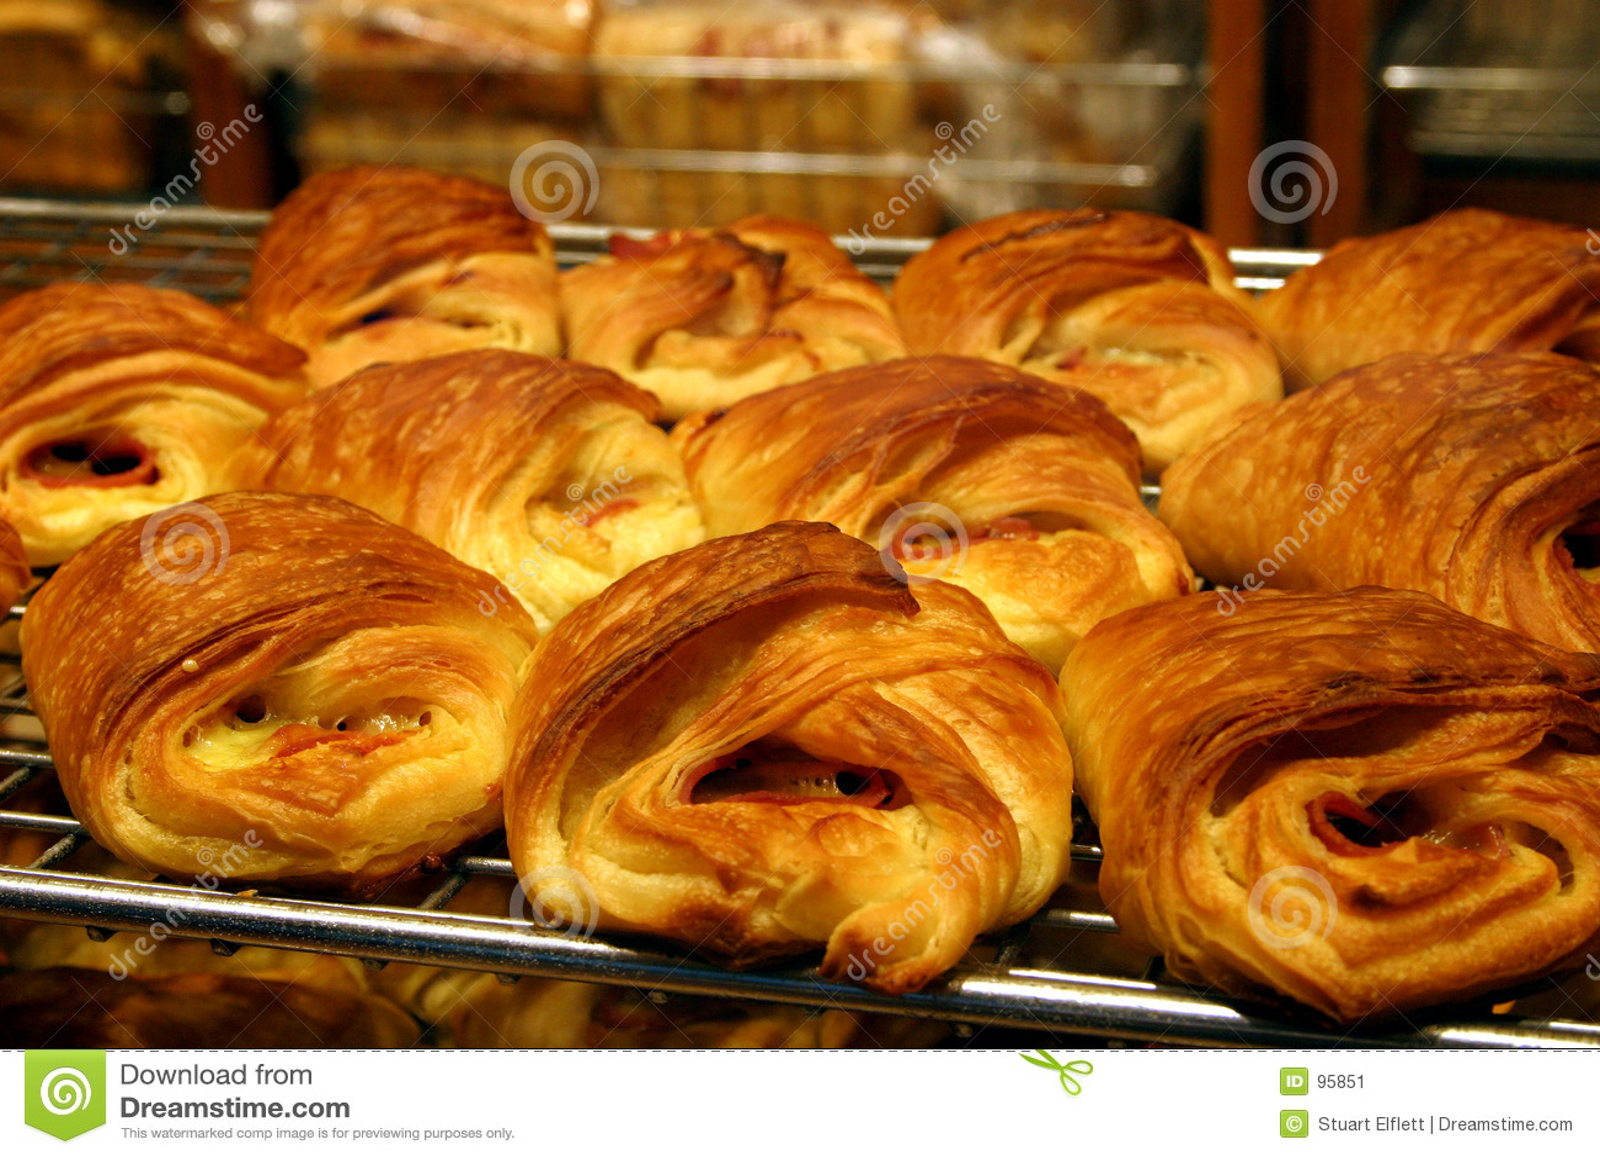 Deens gebakjes?